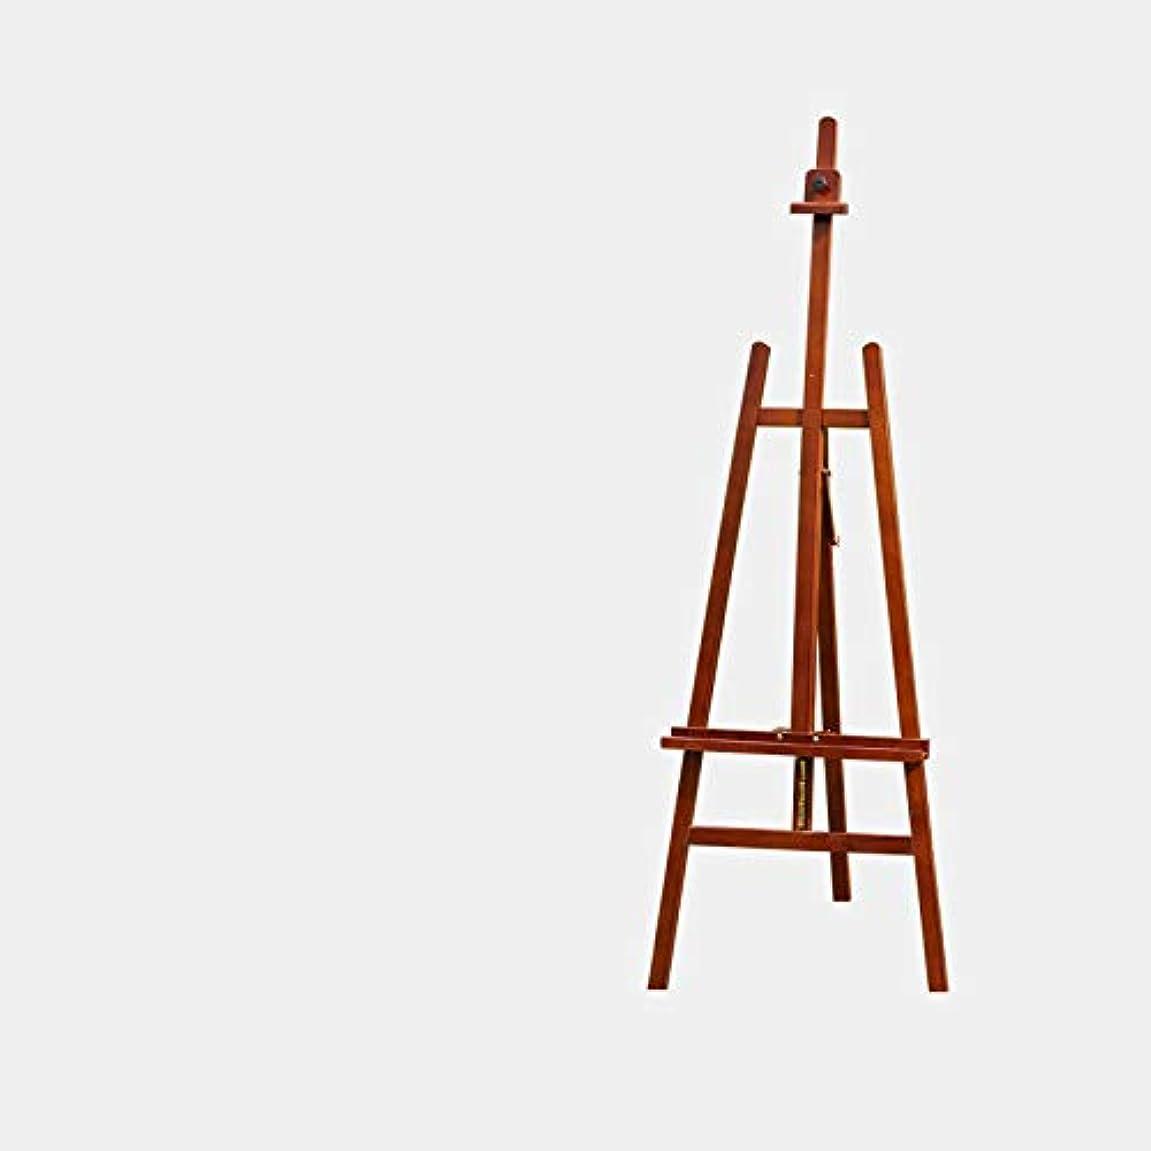 増強する型スクリーチ1.75mの木の持ち上がるイーゼルは、大人学生の屋内使用のために適した複数の角度、任意3色を調節できます JSSFQK (色 : ウォールナット色)